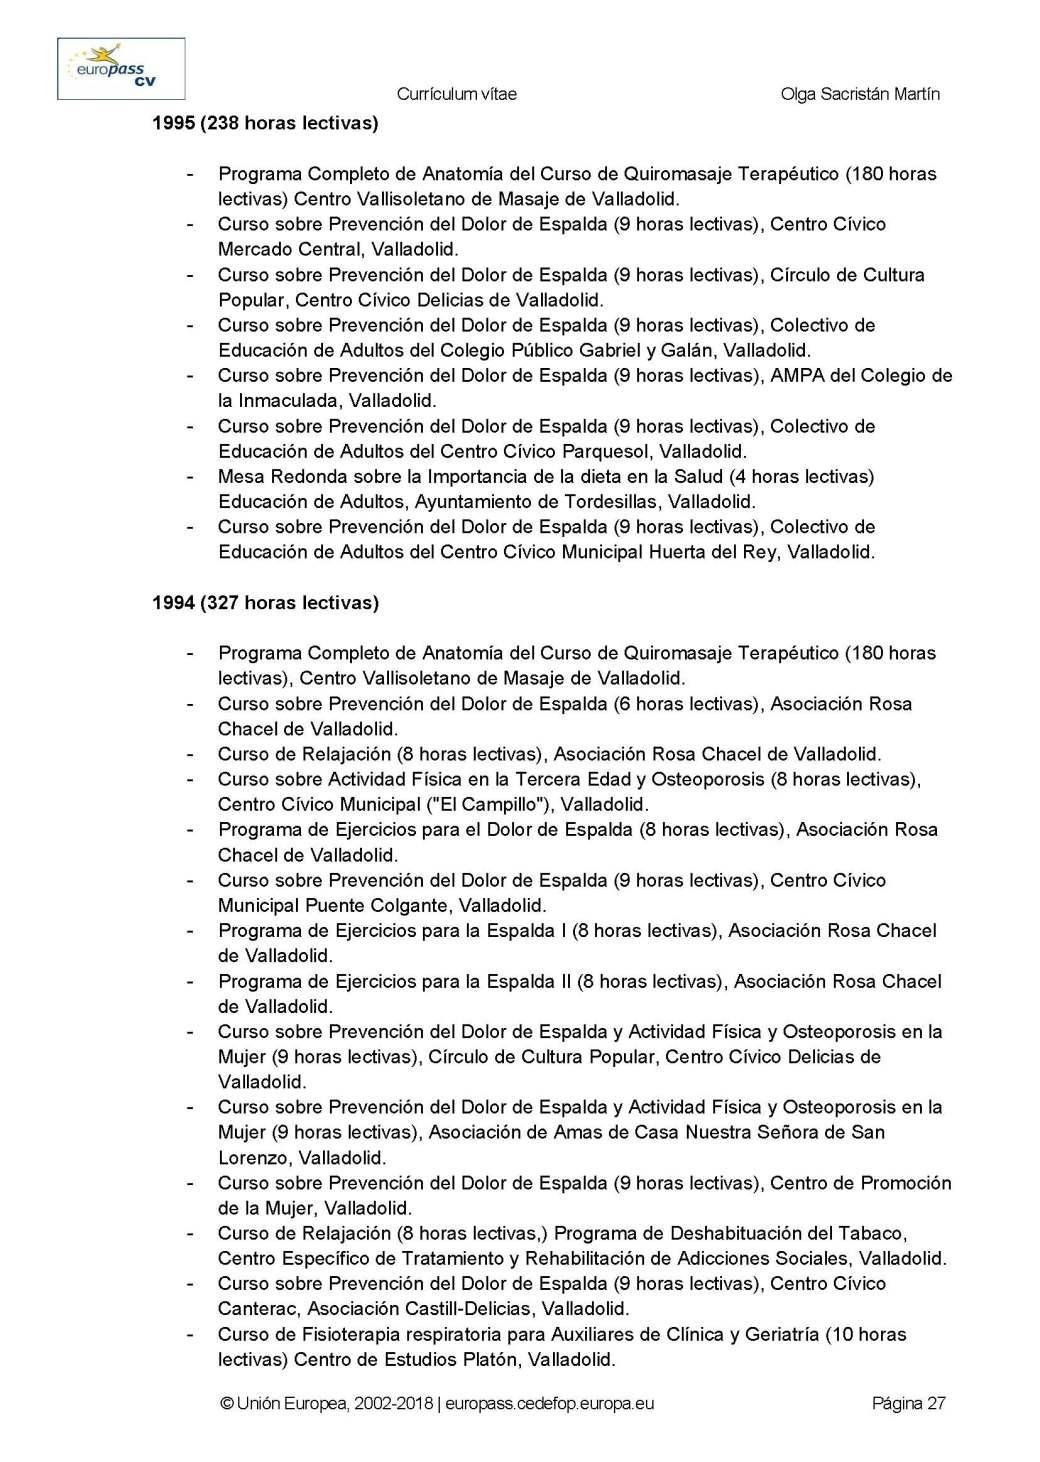 CURRICULUM EUROPASS DRA. OLGA SACRISTAN 2019_Página_27